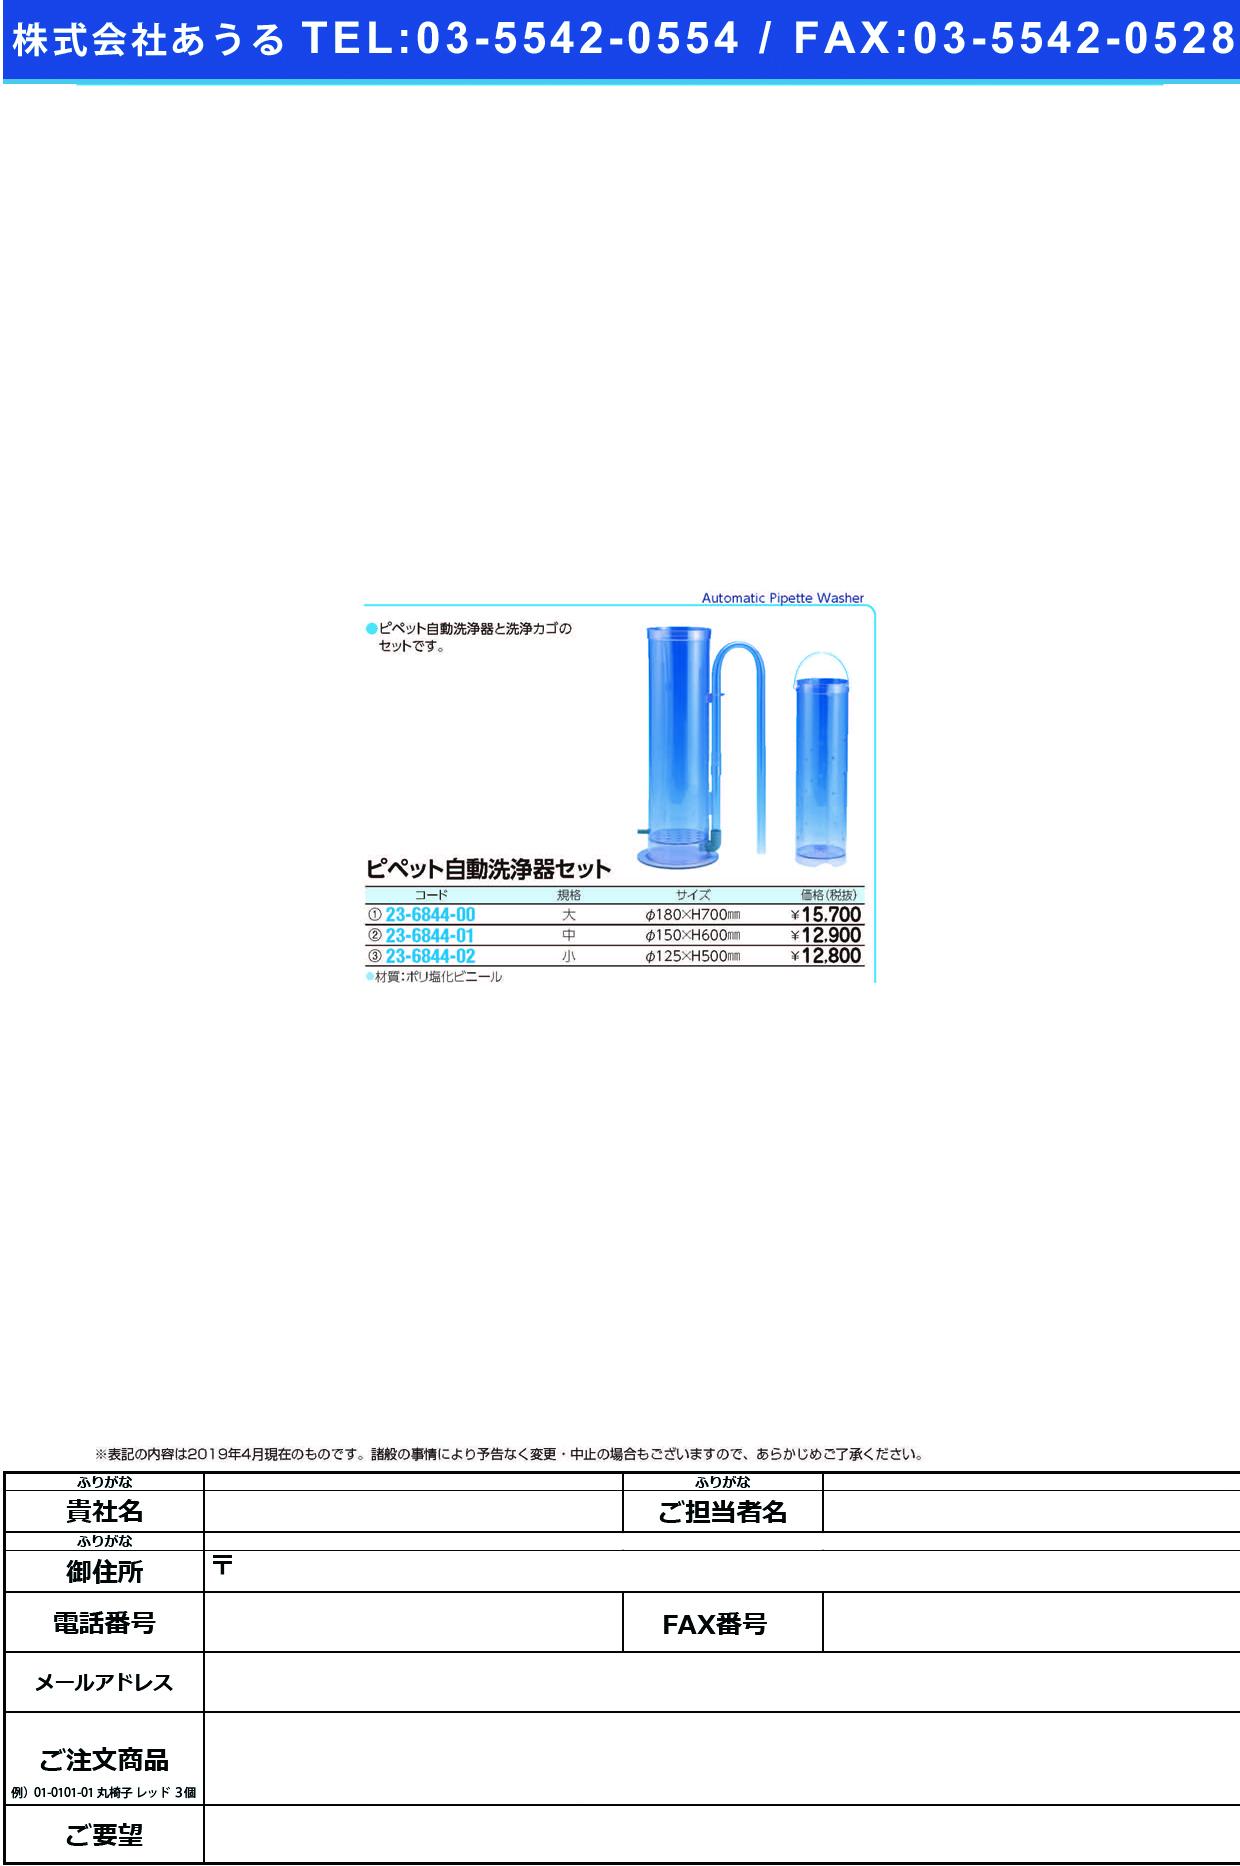 (23-6844-01)ピペット自動洗浄器セット(中) 150X600MM ピペットセンジョウキセット(チュウ【1台単位】【2019年カタログ商品】